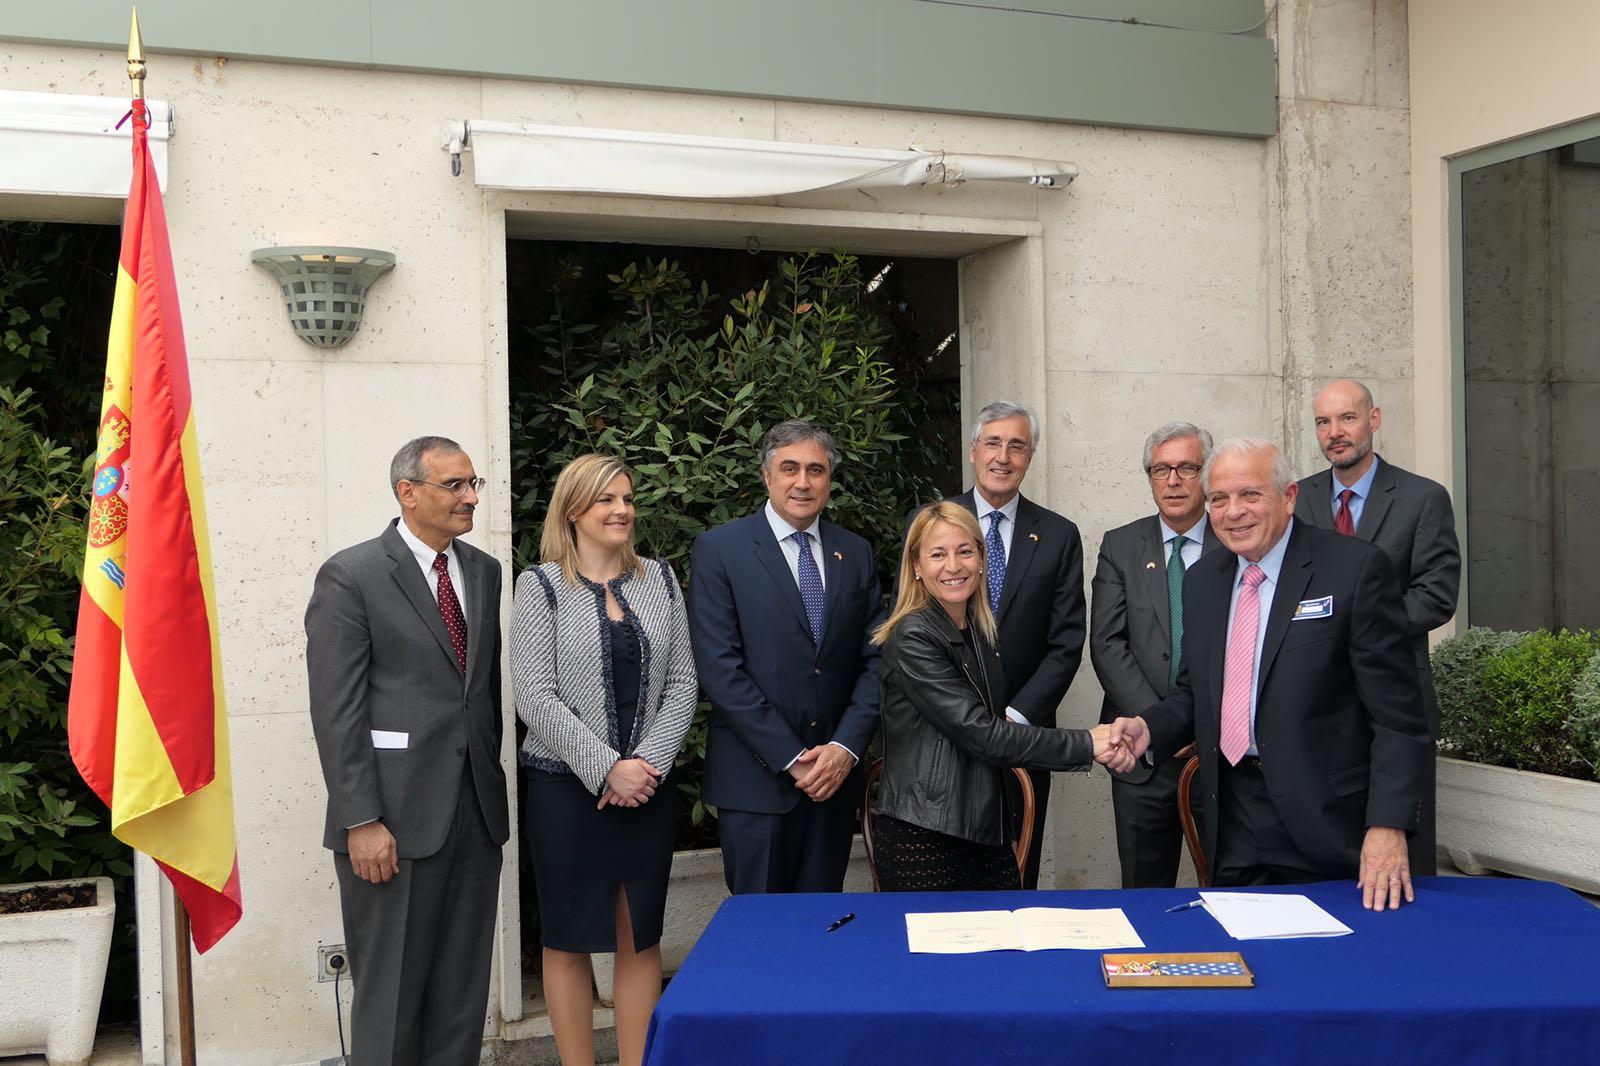 convenio de colaboración centrado en el Turismo y la Cultura